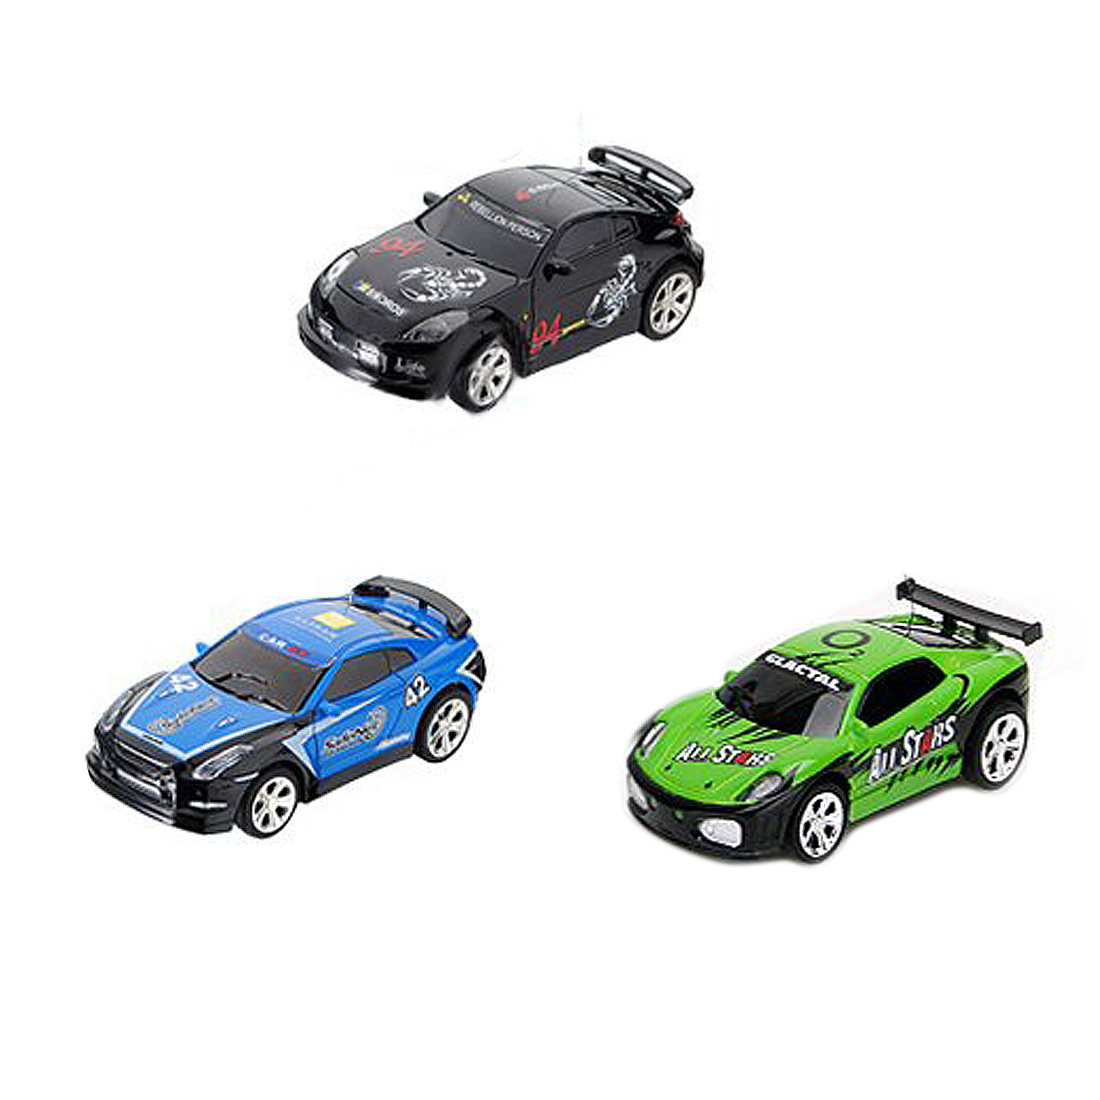 Aaae Top Mini Rc Remote Controlled Auto Racing Car Speelgoed In De Drank Kan 1:58 (zwart/blauw/ Groen) Nieuwe